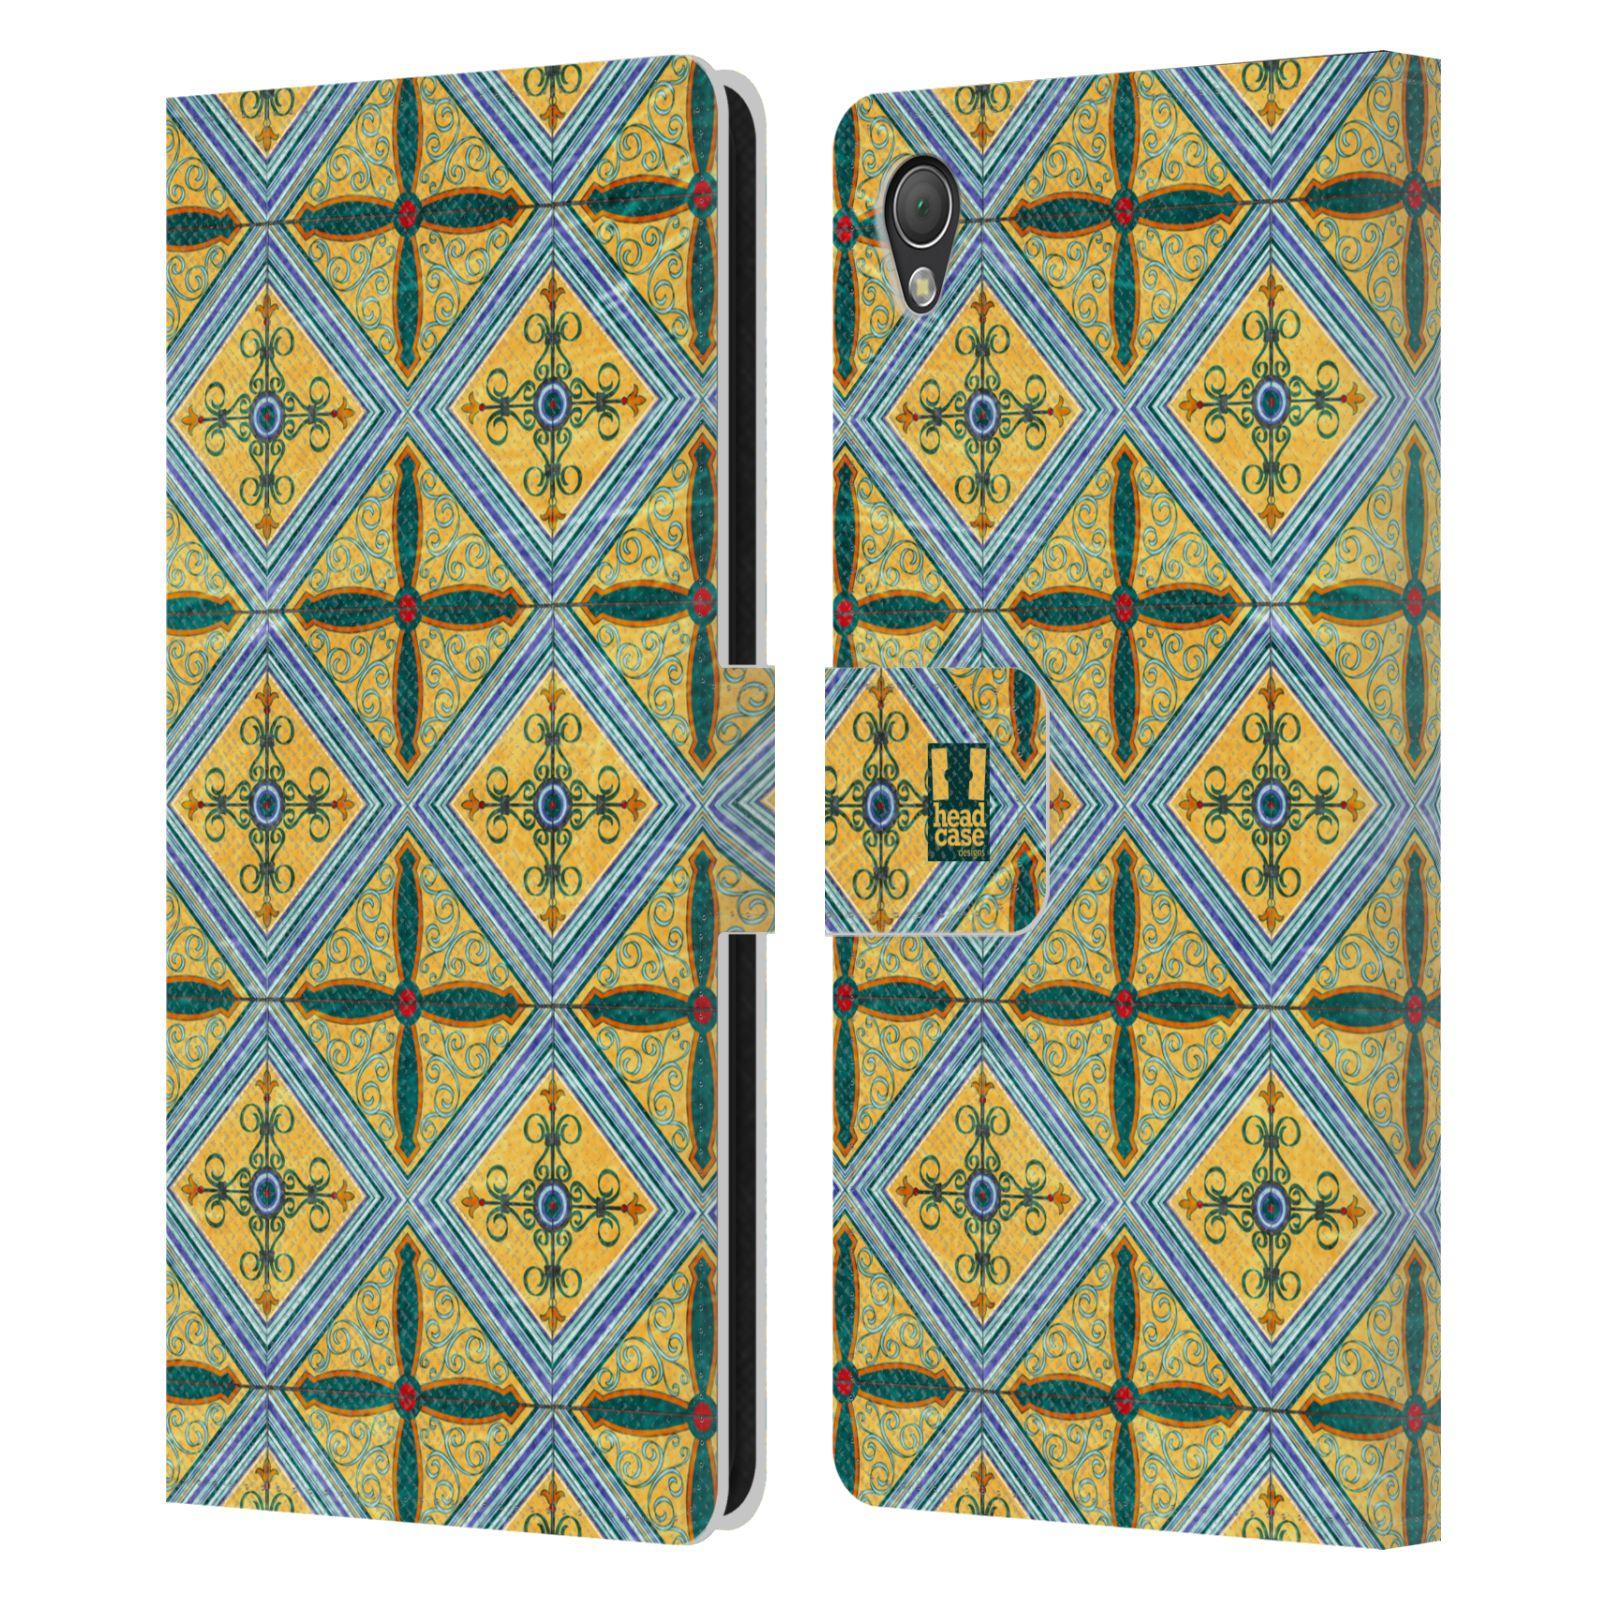 HEAD CASE Flipové pouzdro pro mobil SONY XPERIA Z3 ARABESKA CERAMIC žlutá